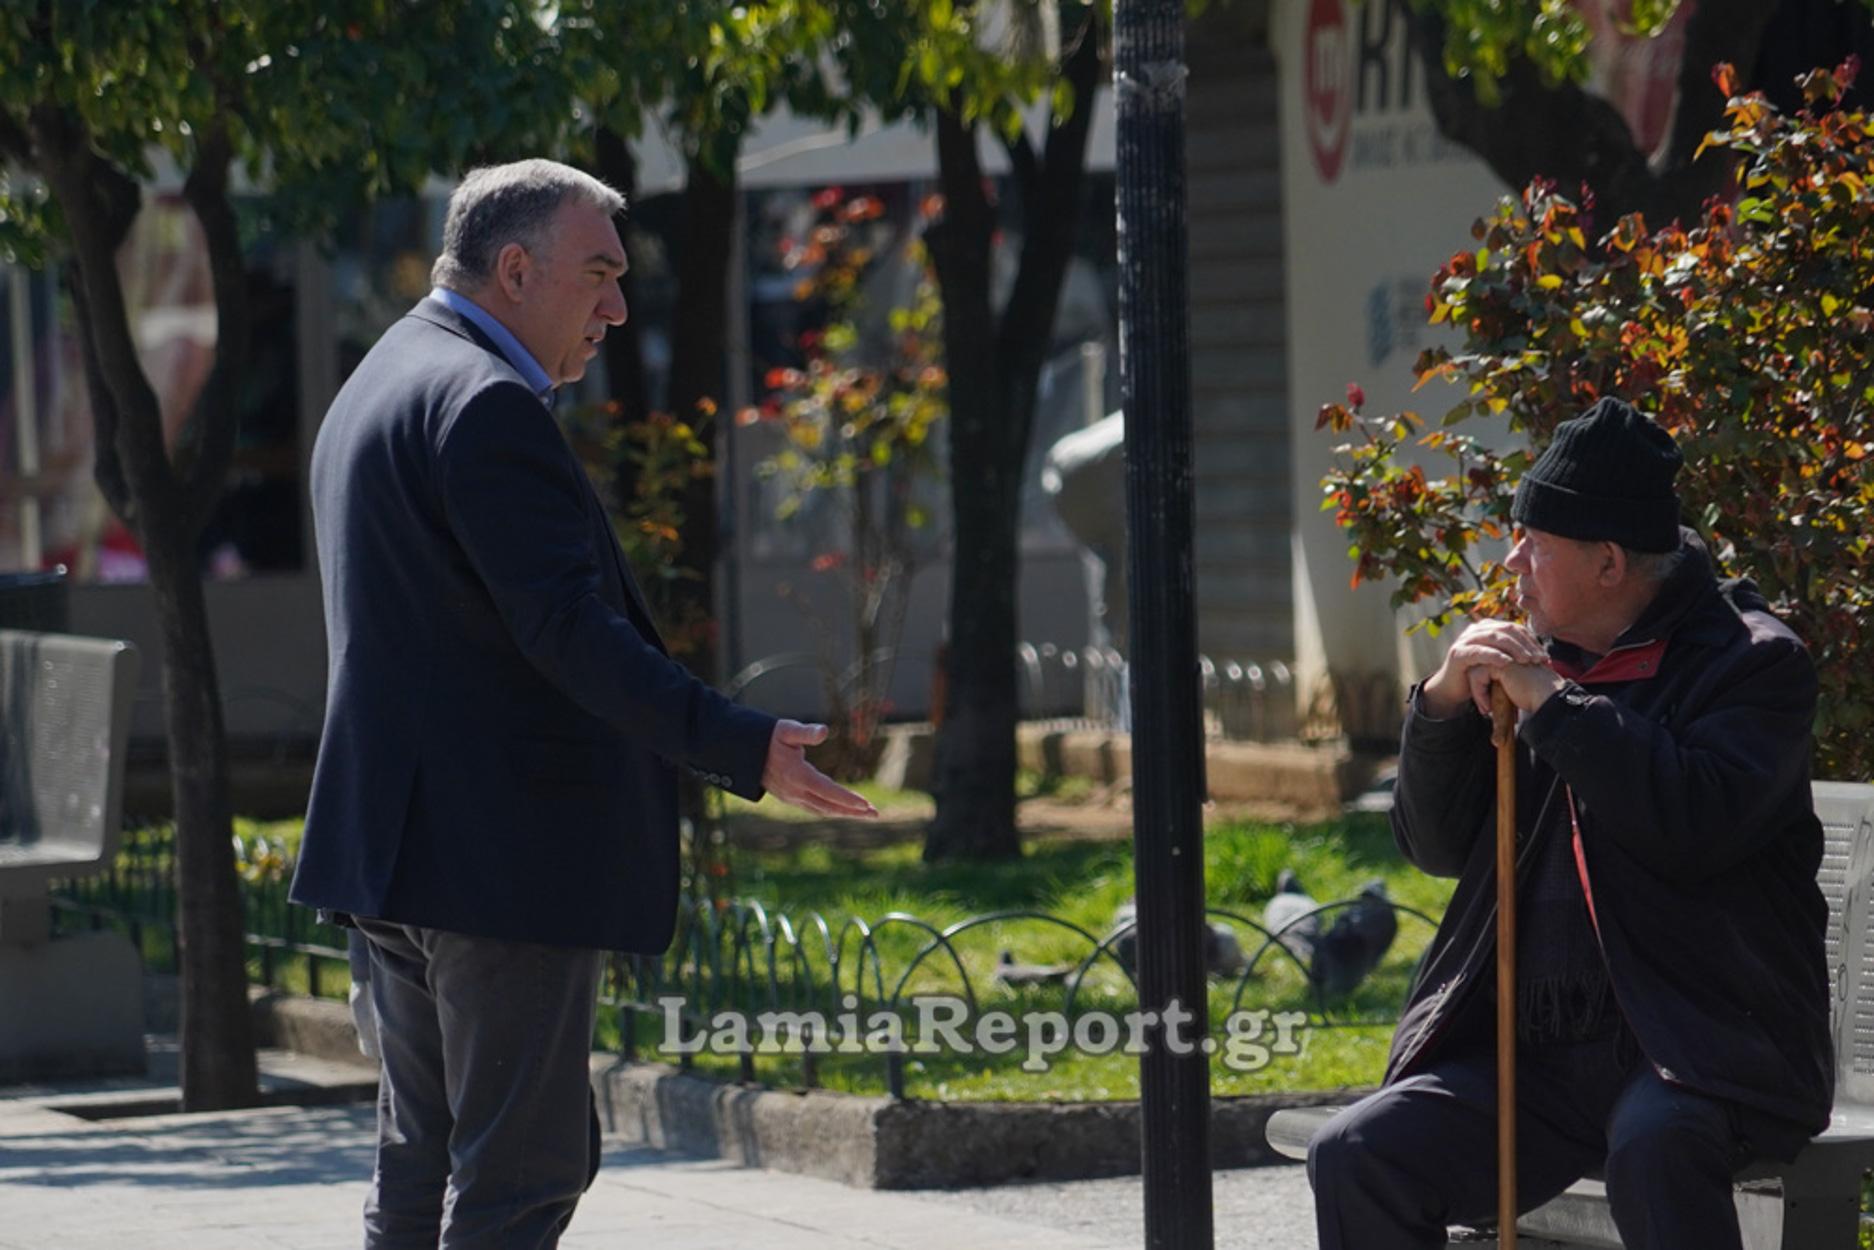 Λαμία: Απίστευτες σκηνές! Ο Δήμαρχος βγήκε να μαζέψει ηλικιωμένους που... λιάζονταν στην πλατεία (pics, video)